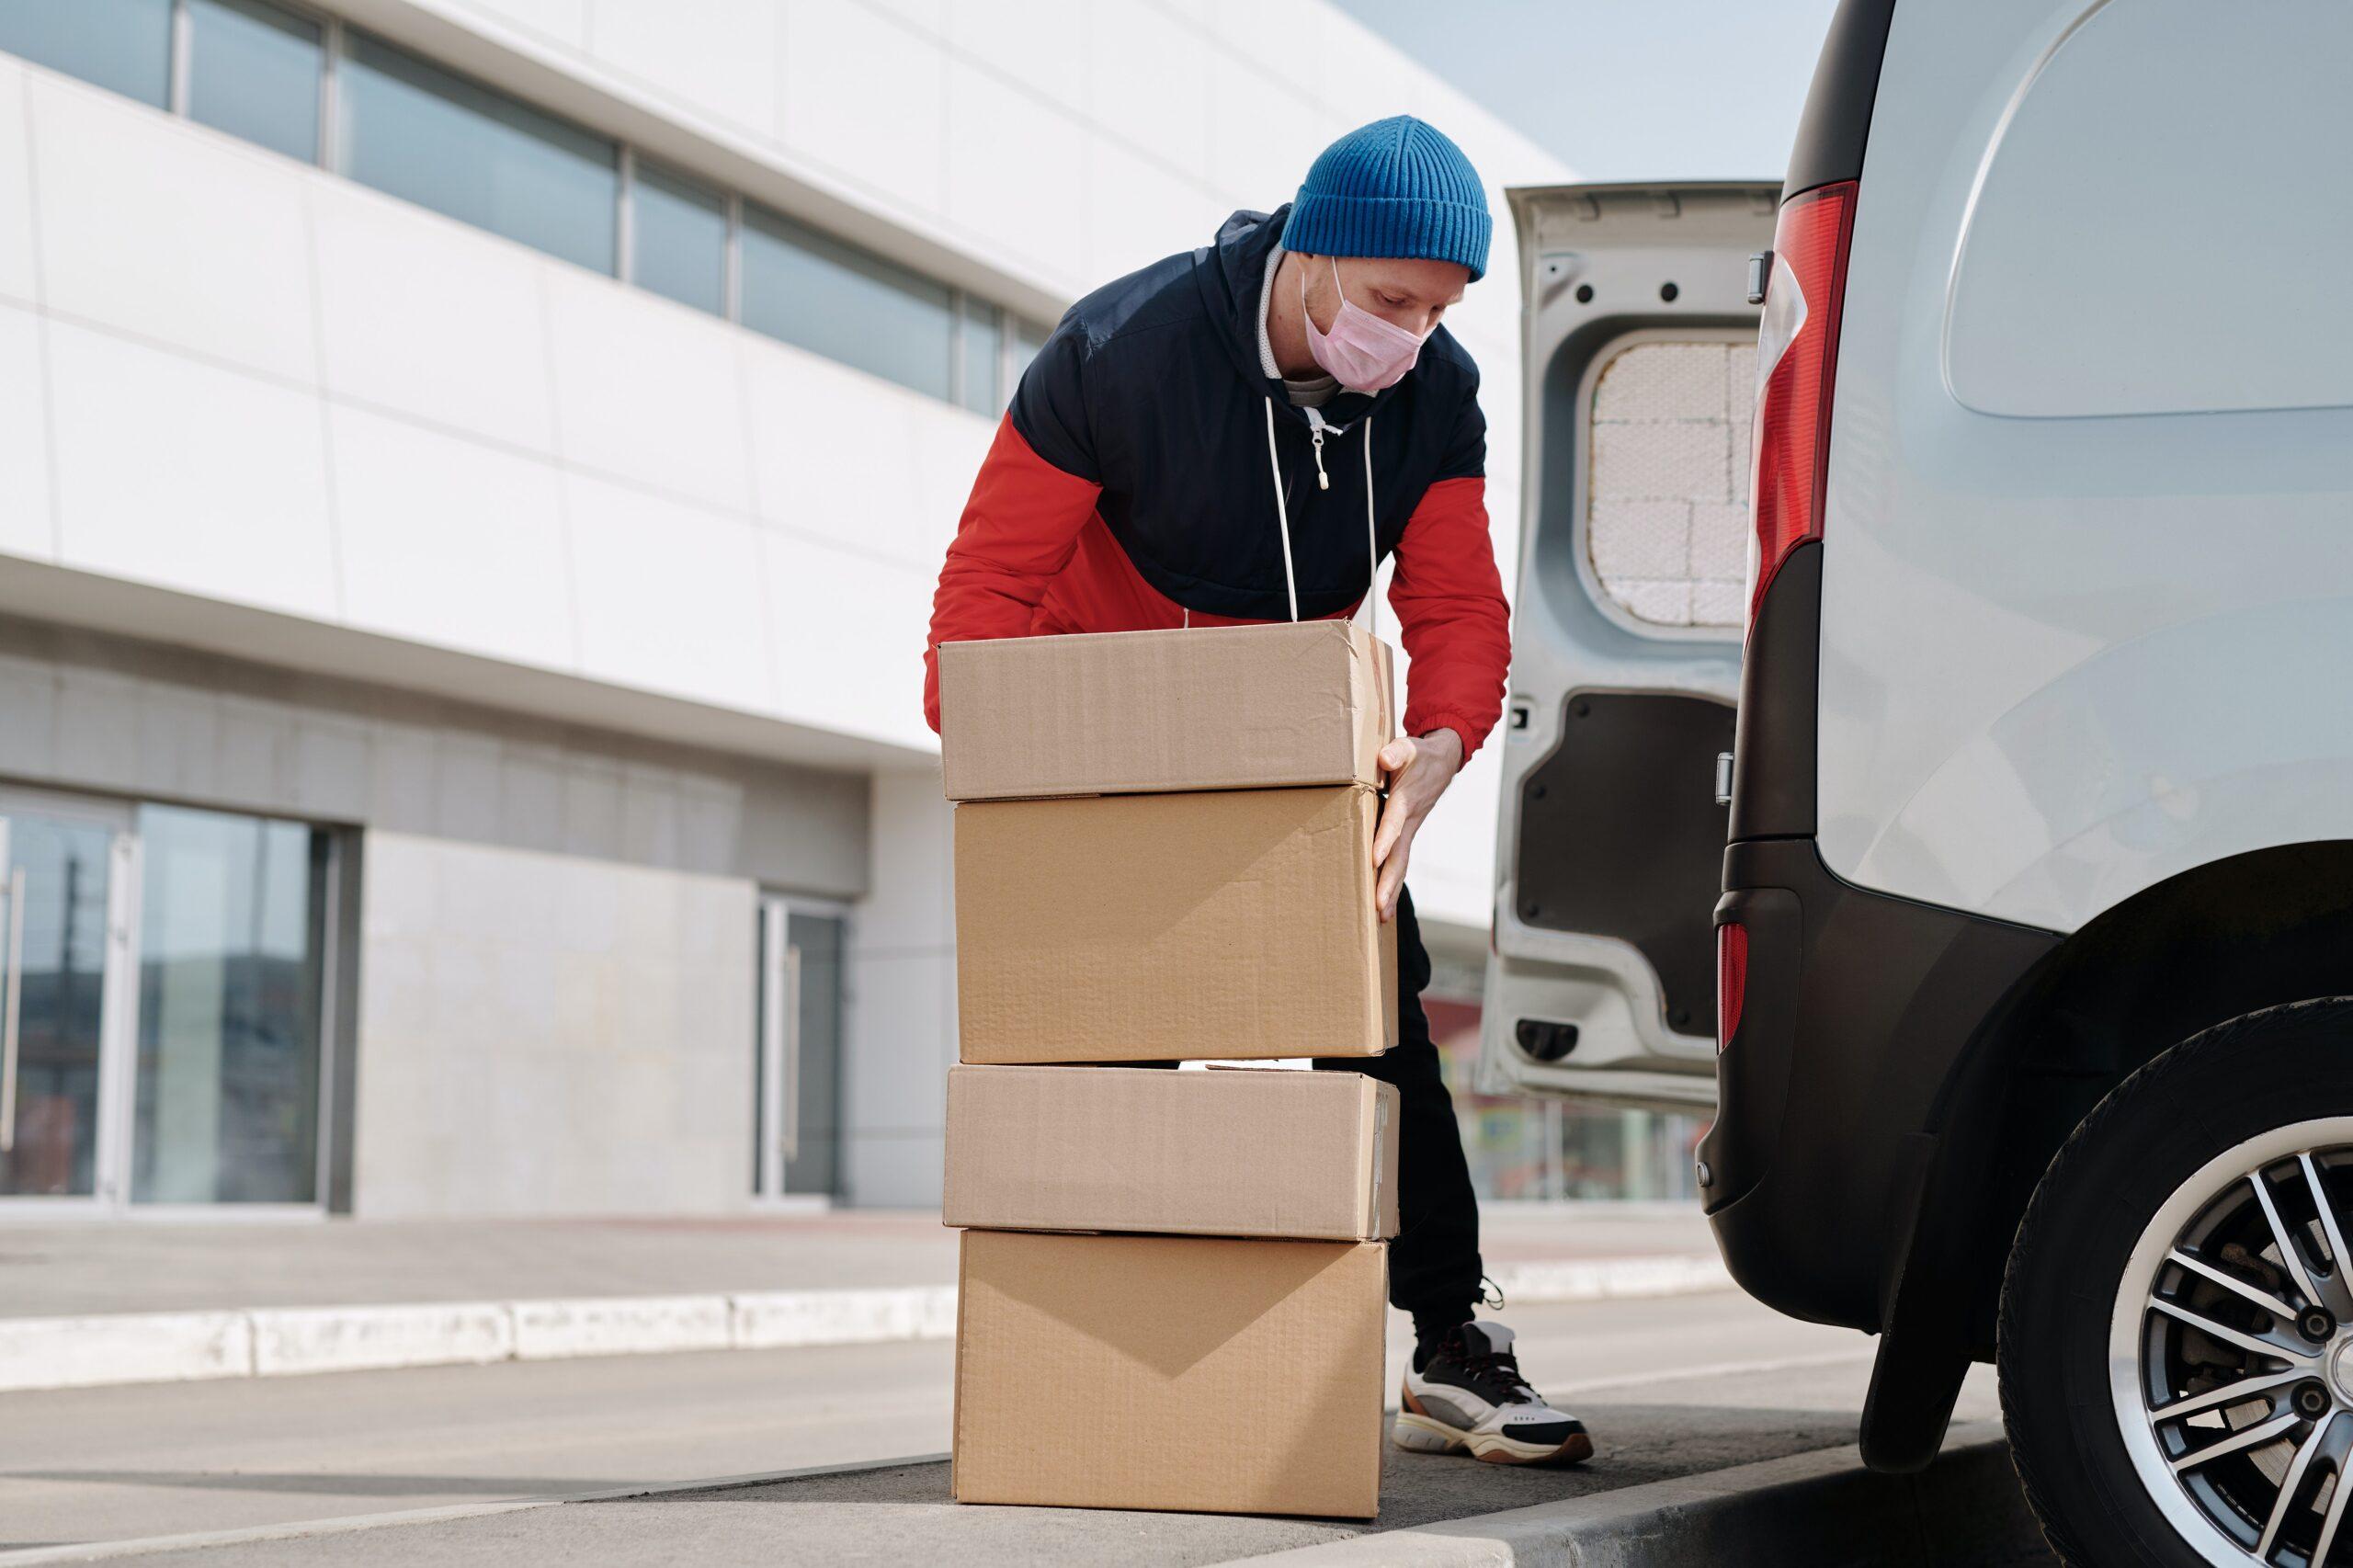 Consumidor pode exigir entrega de produto anunciado mesmo em falta de estoque?